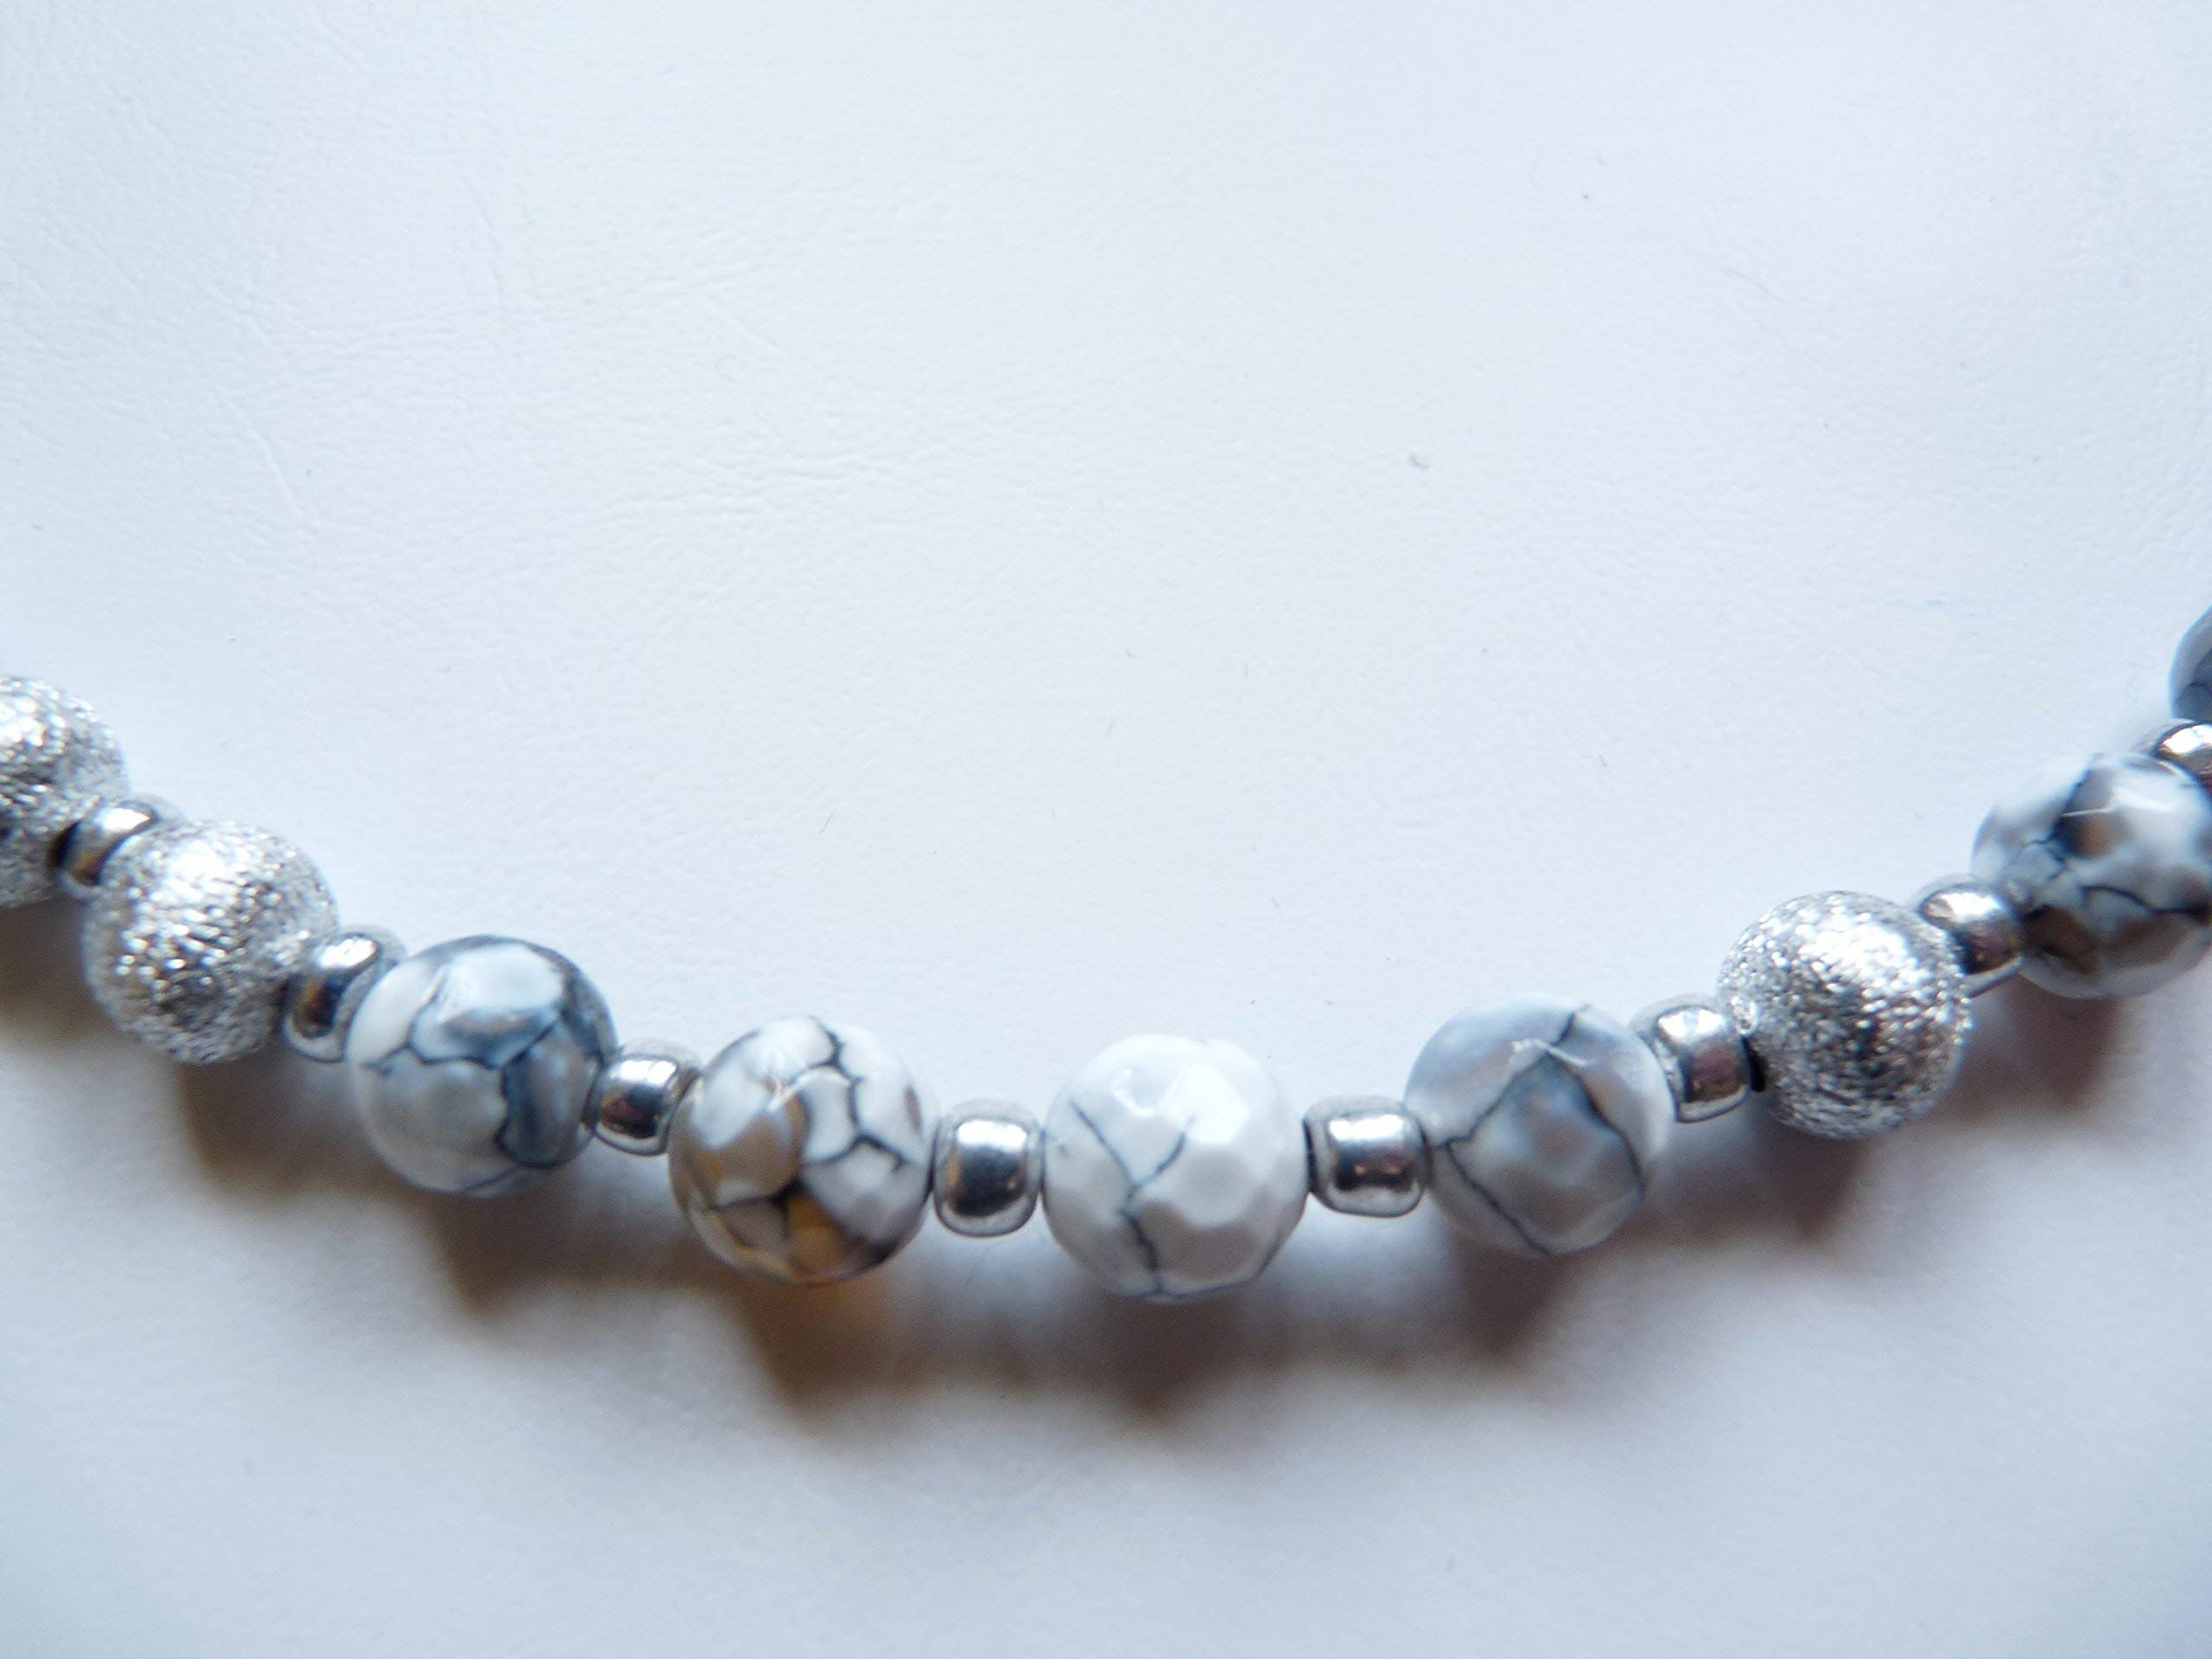 c563277b6589df Handgemachte Edelstein Kette mit Achat Perlen Naturbrand weiss kombiniert  mit H matit Perlen und Aluminium